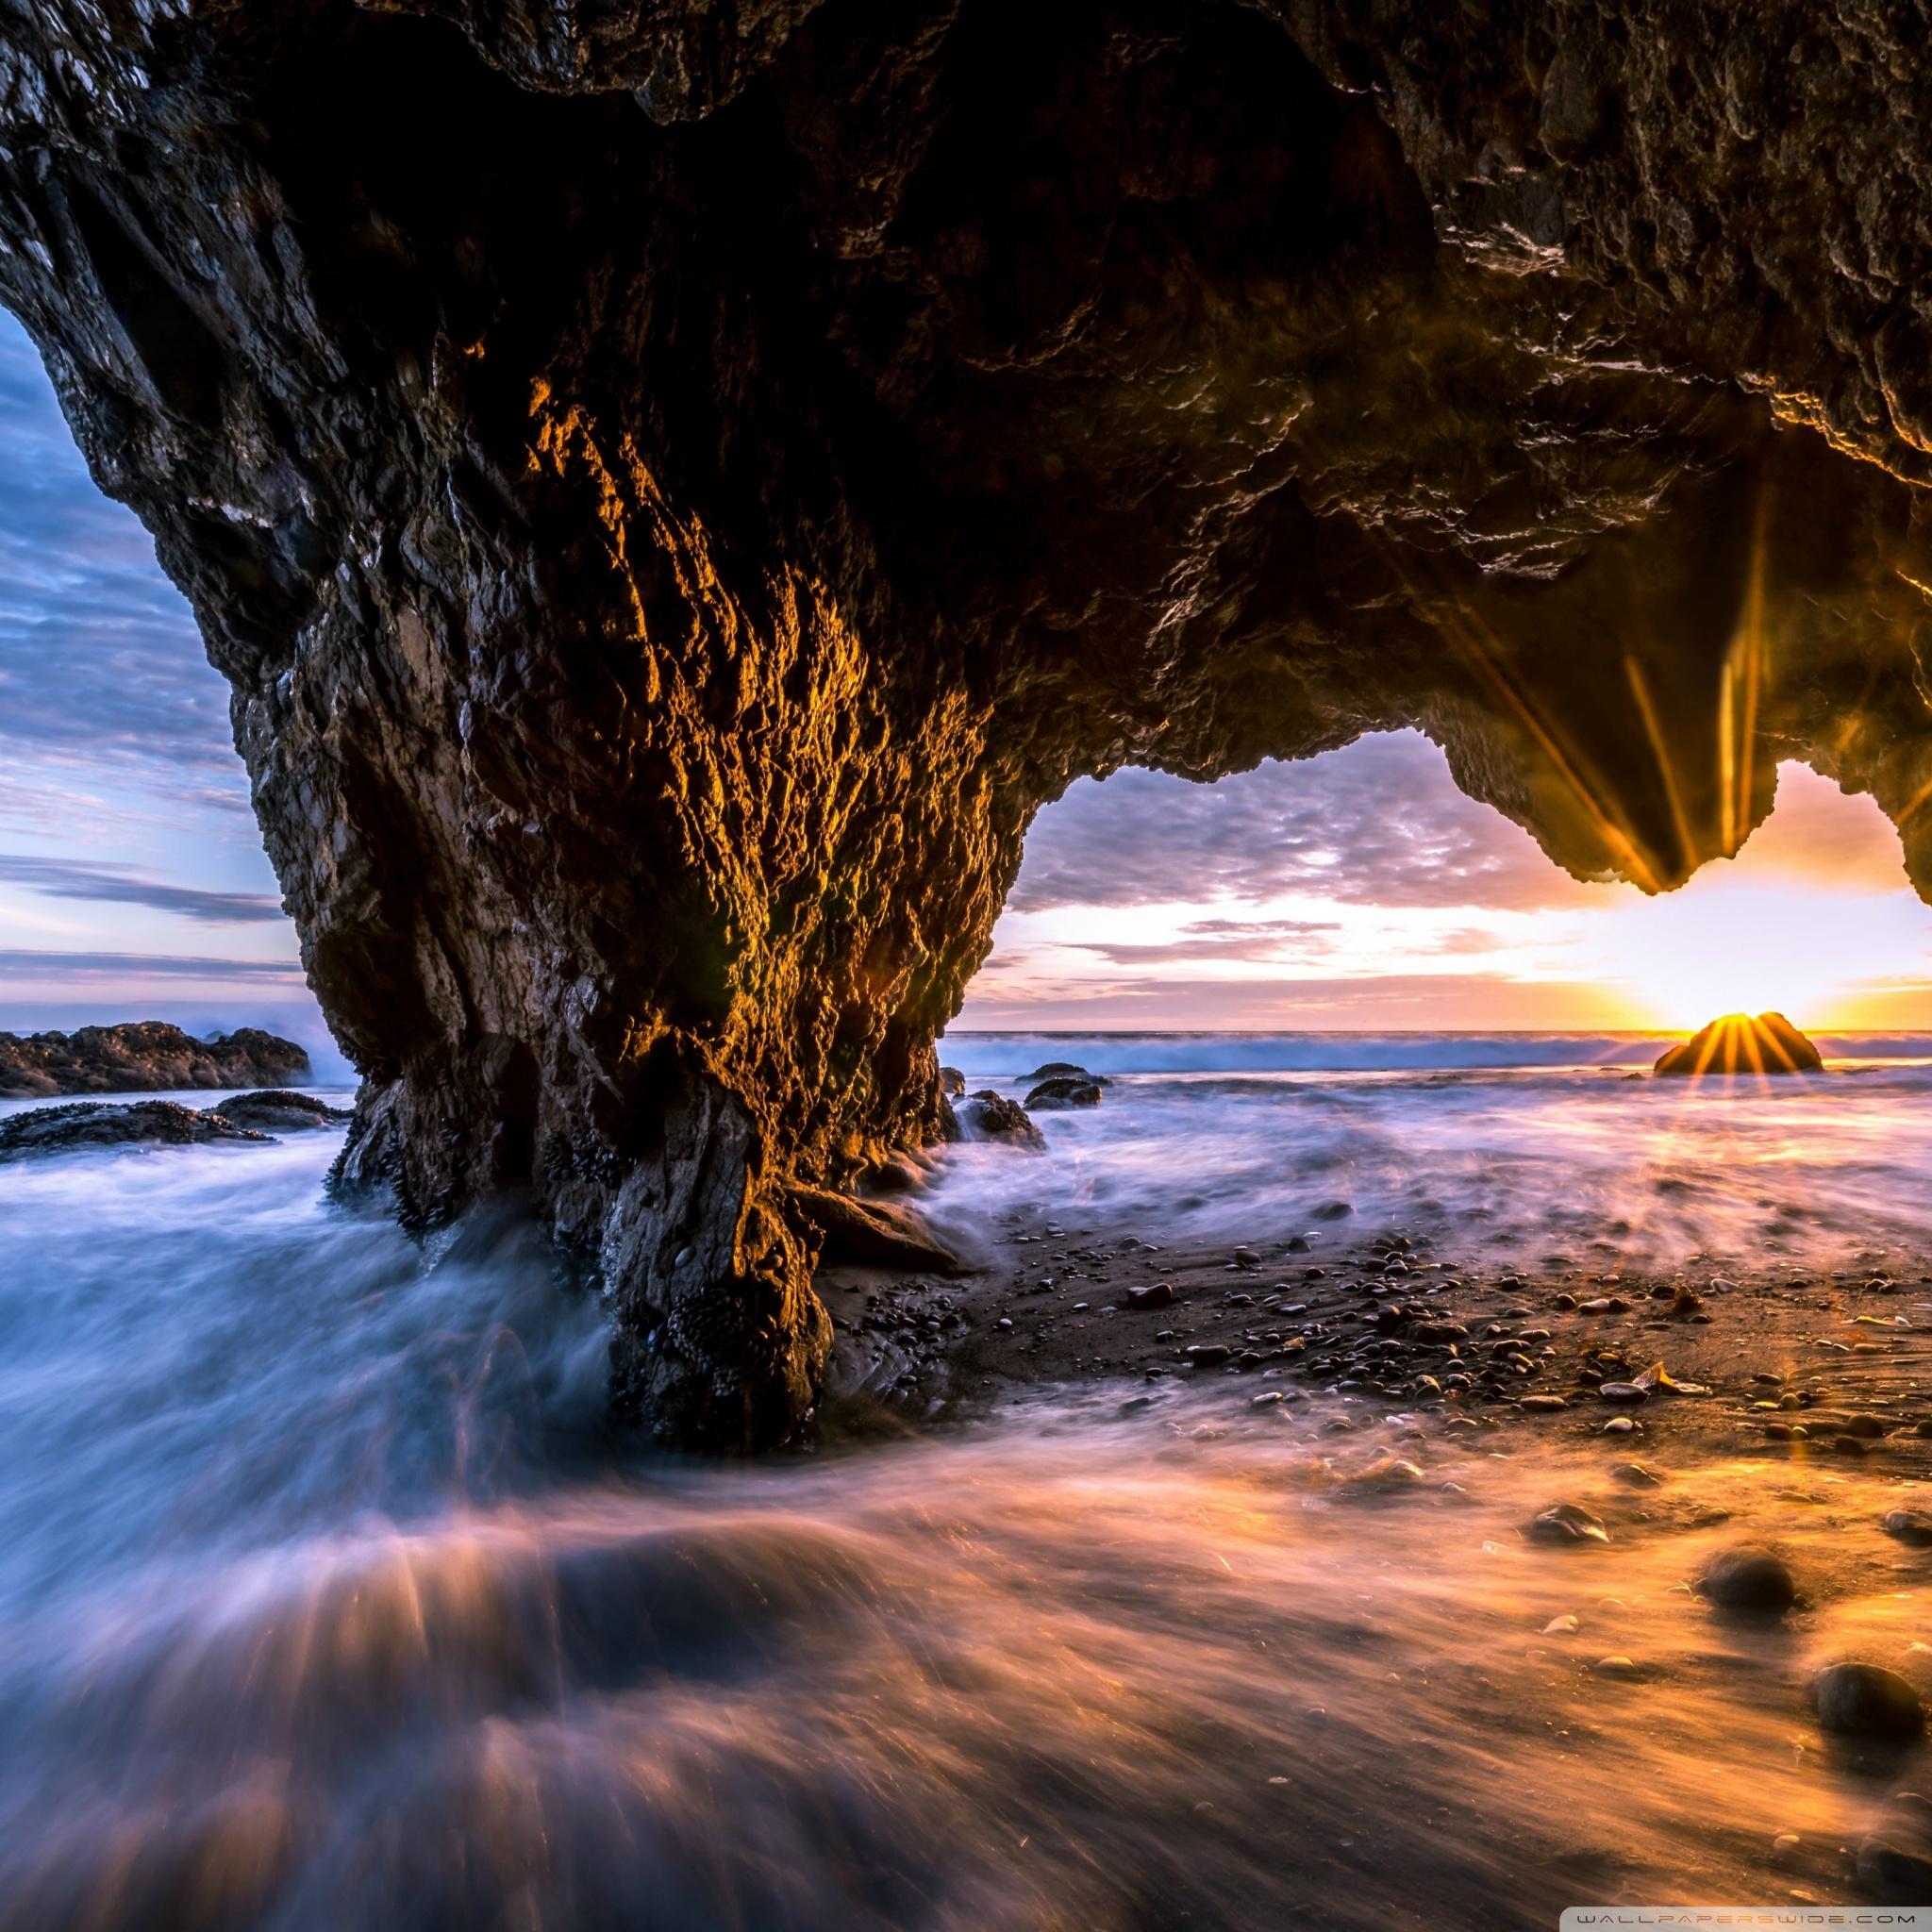 el matador state beach, ca ❤ 4k hd desktop wallpaper for 4k ultra